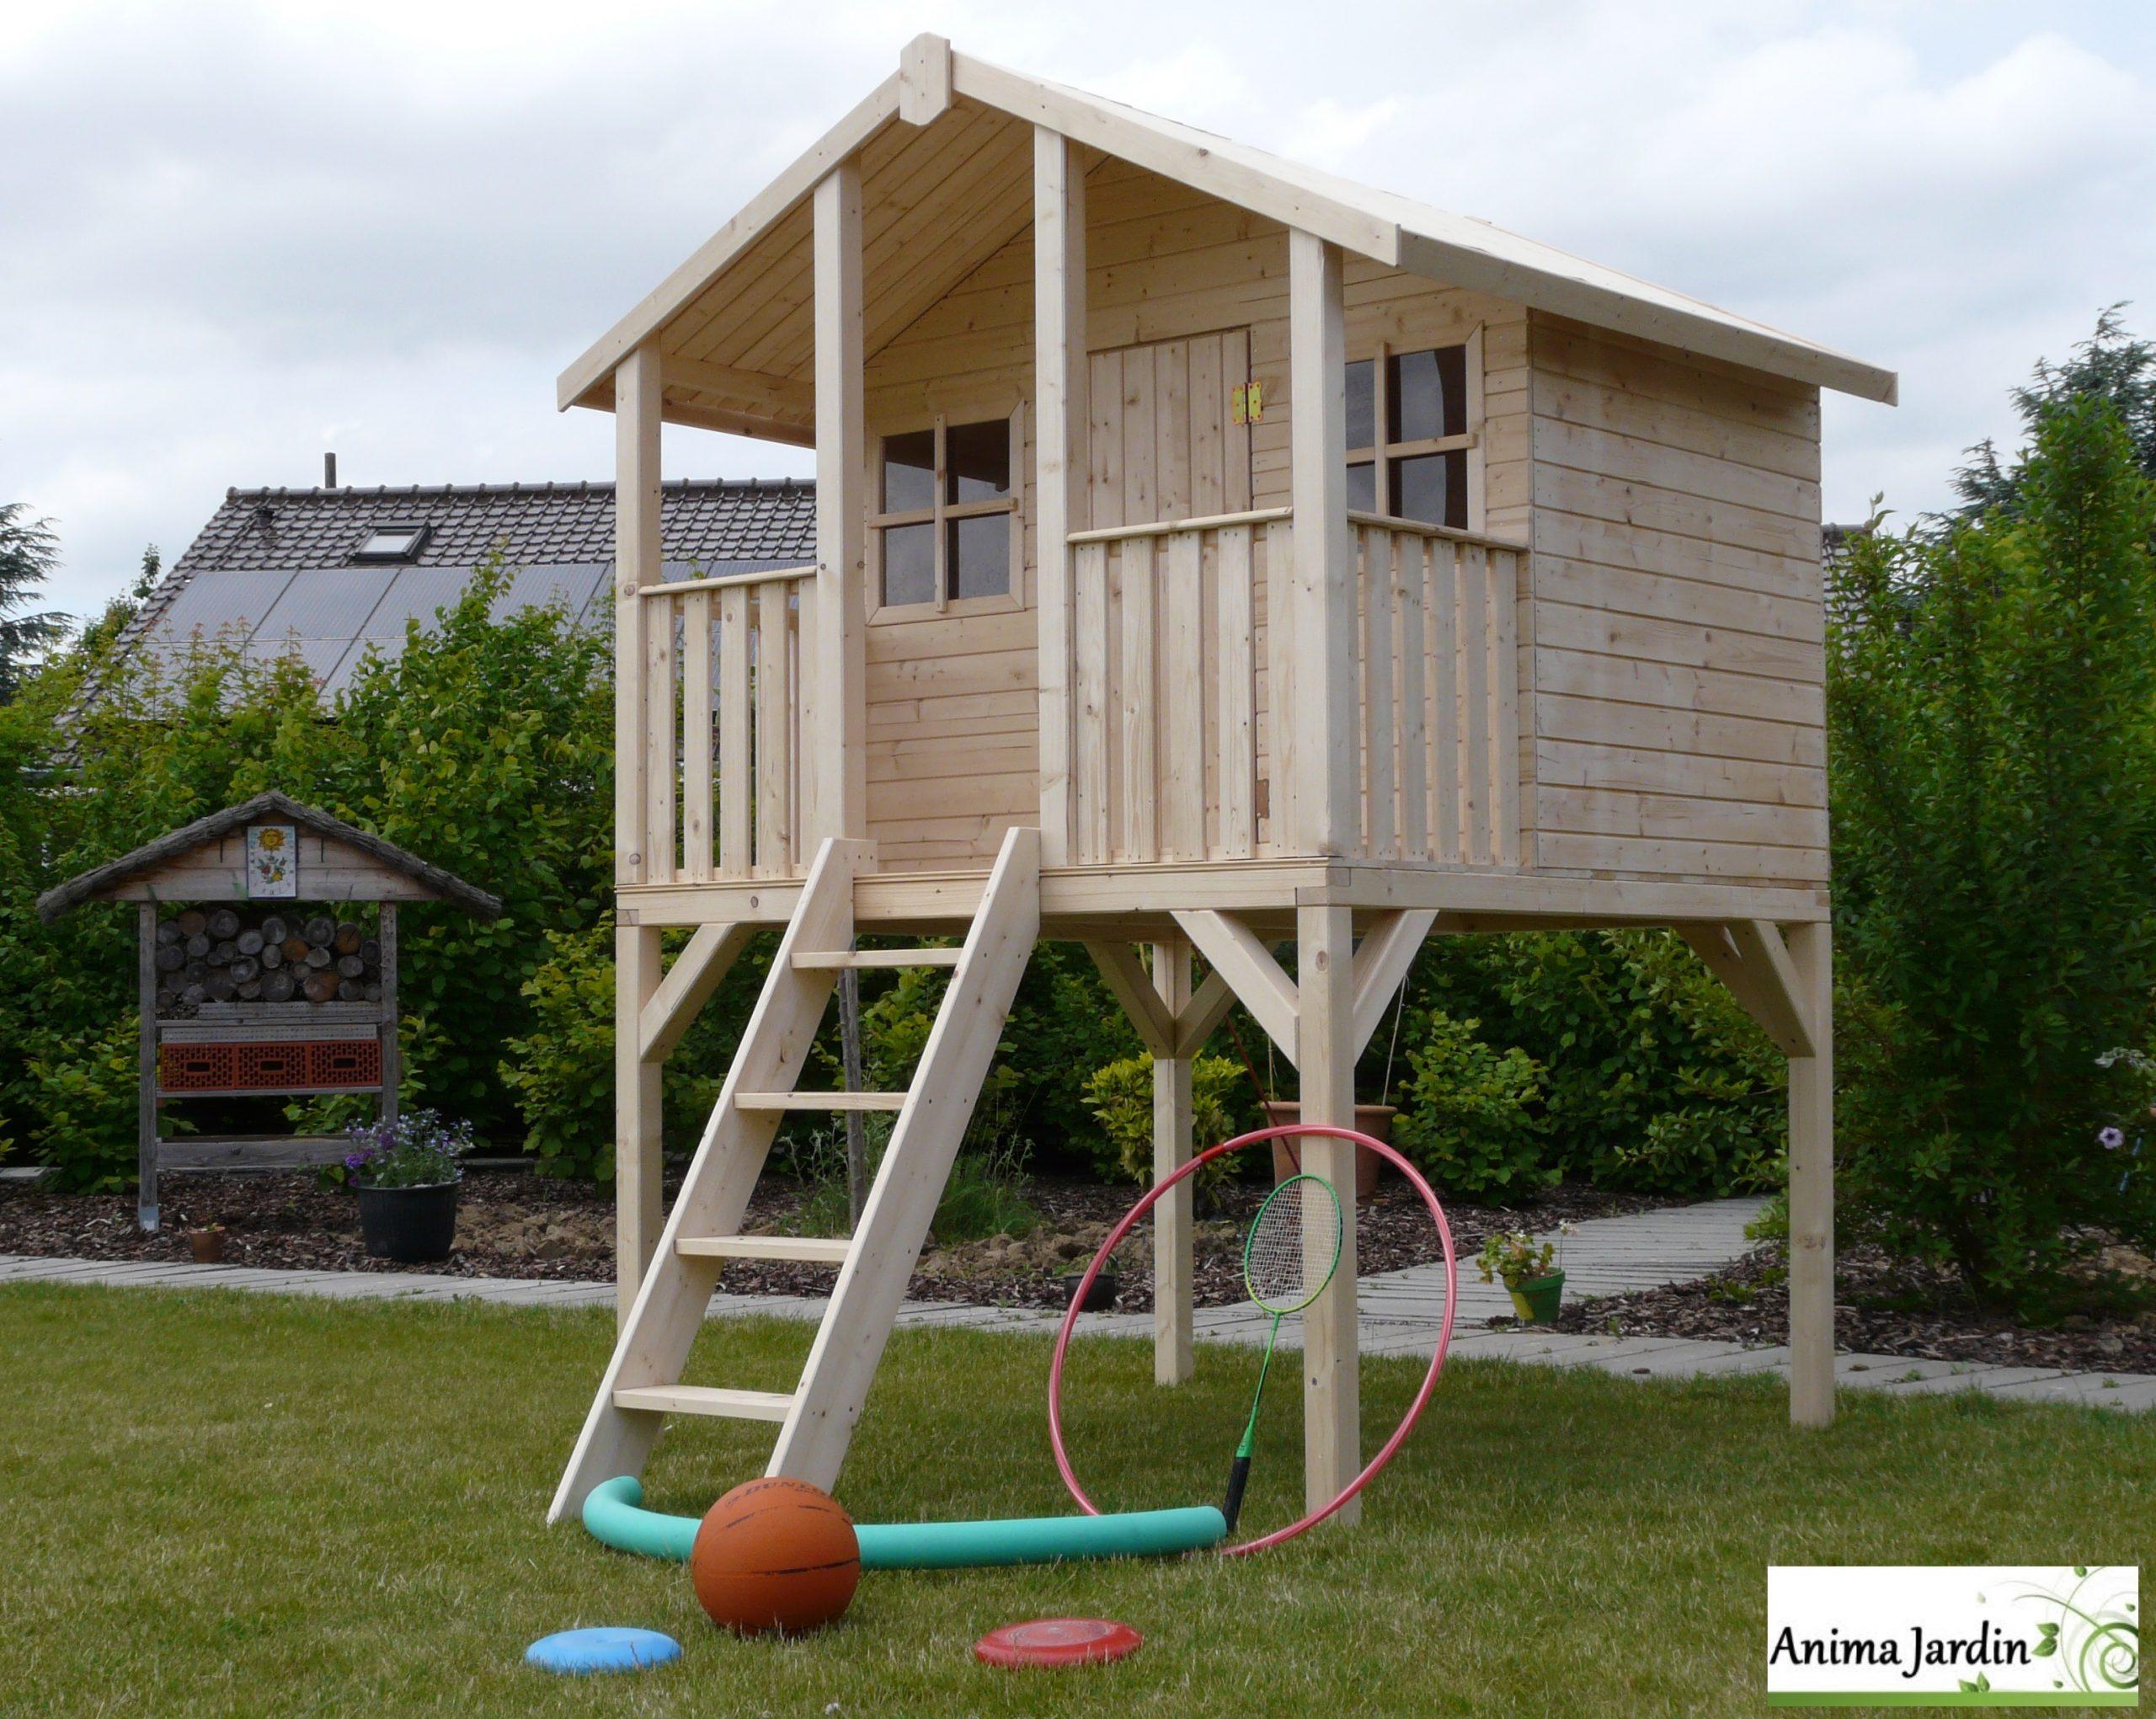 Cabane En Bois Surélevée Sur Pilotis, 3M², Toit Deux Pentes ... tout Abri Jardin Enfant